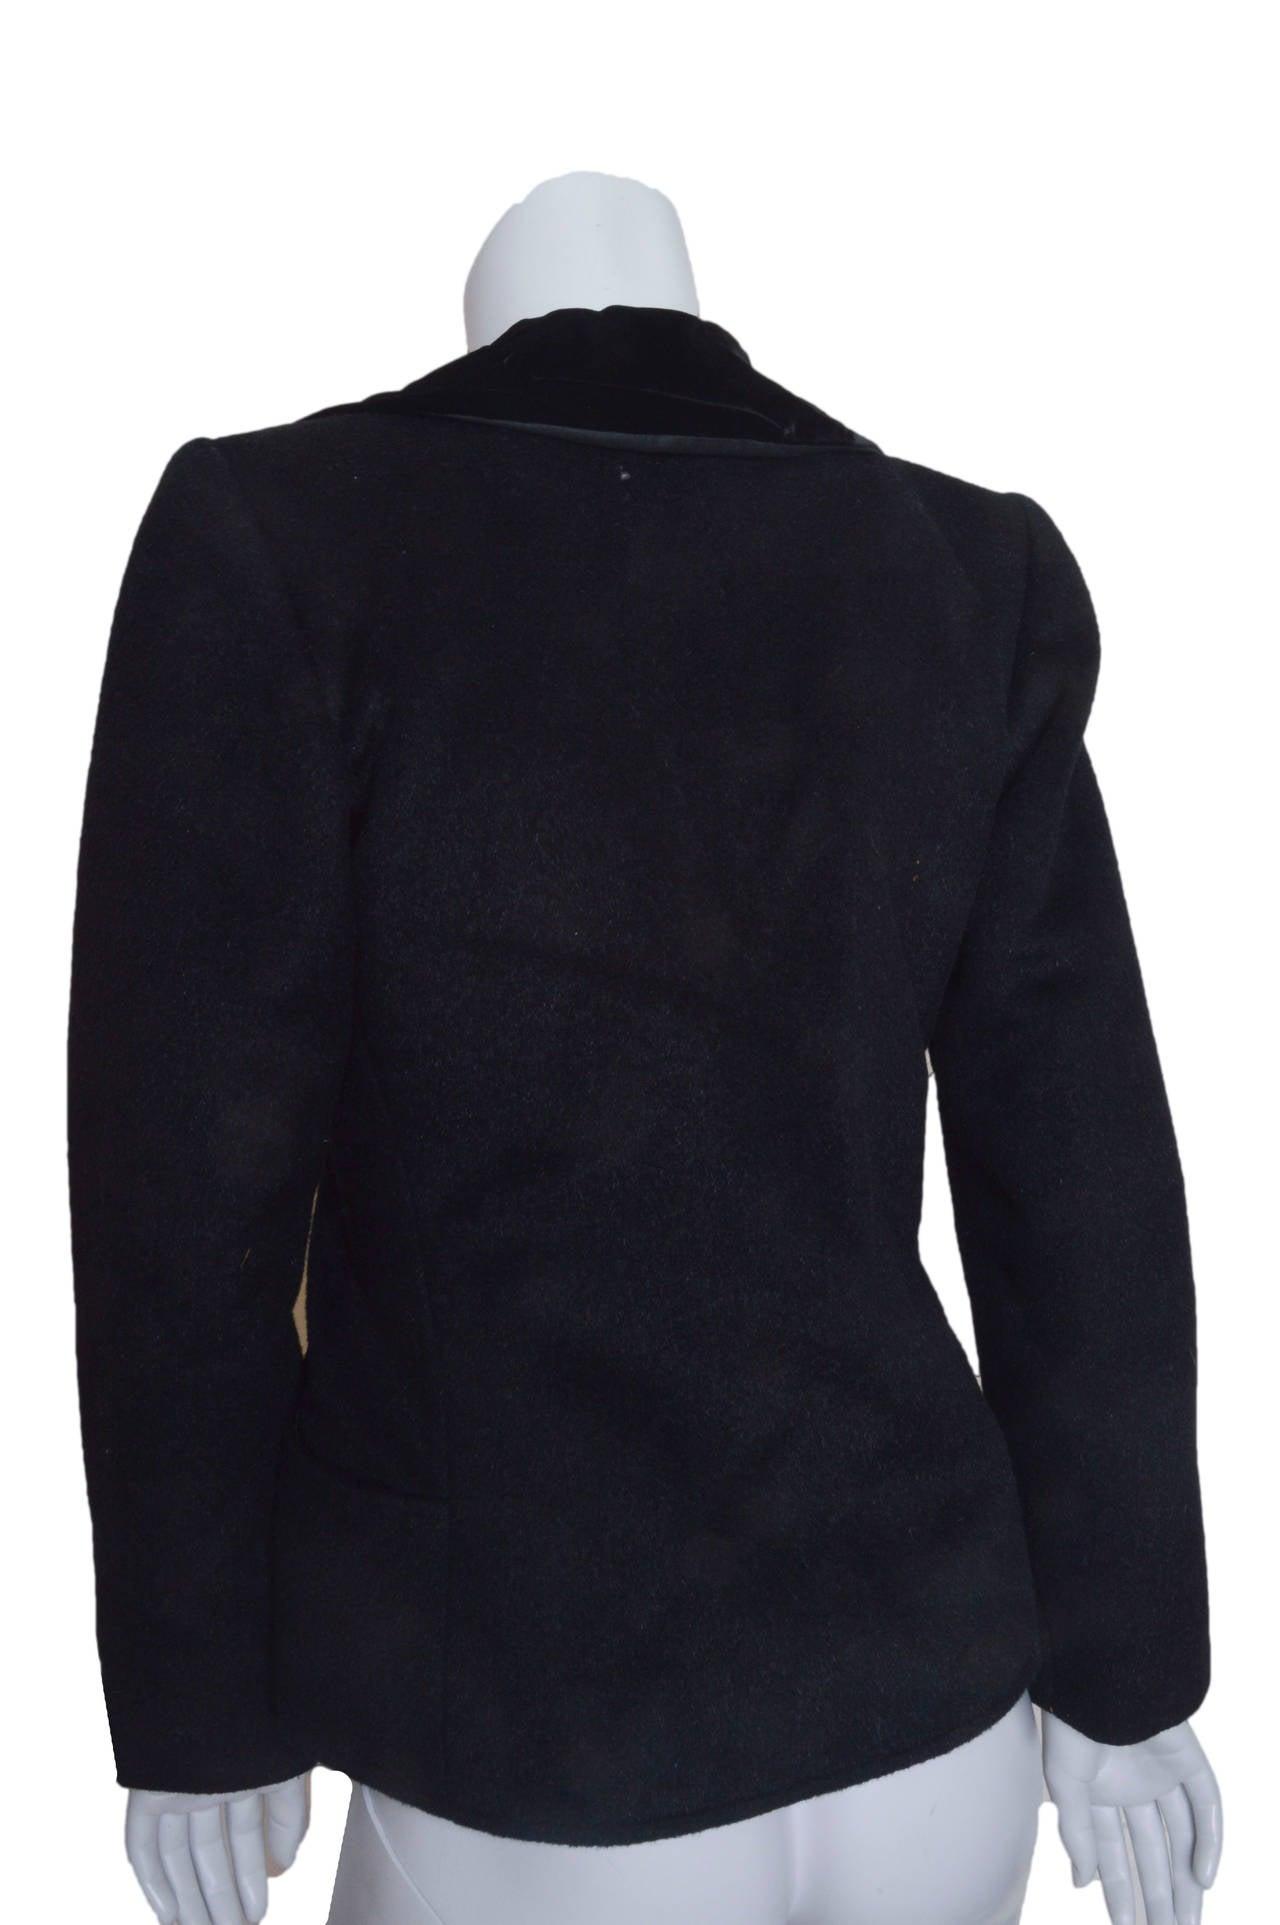 Women's Yves Saint Laurent Rive Gauche Black Wool and Velvet Blazer For Sale